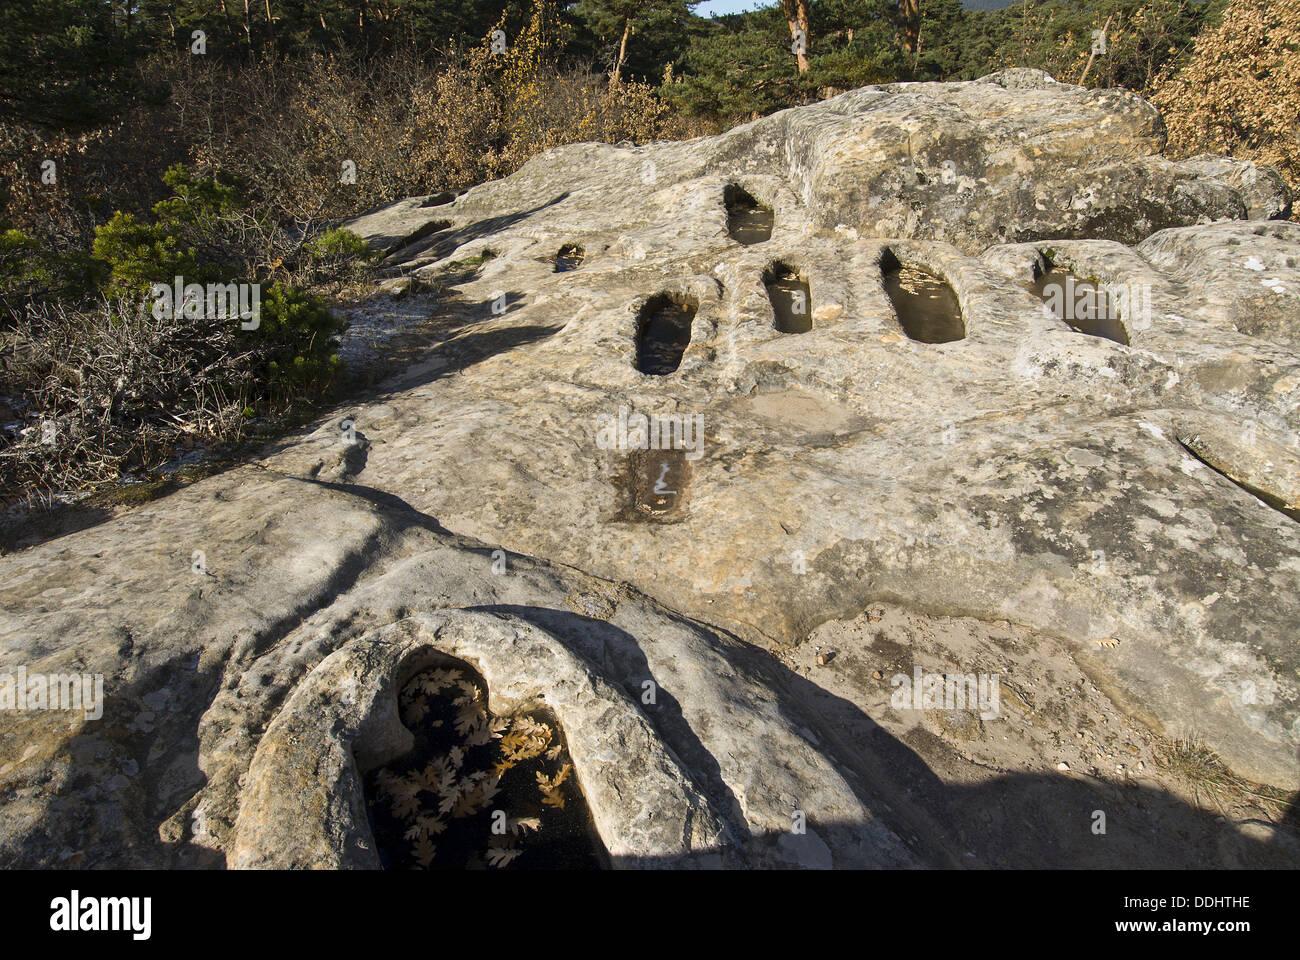 Cuyacabras High Middle Ages necropolis, Quintanar de la Sierra. Burgos province, Castilla-Leon, Spain Stock Photo